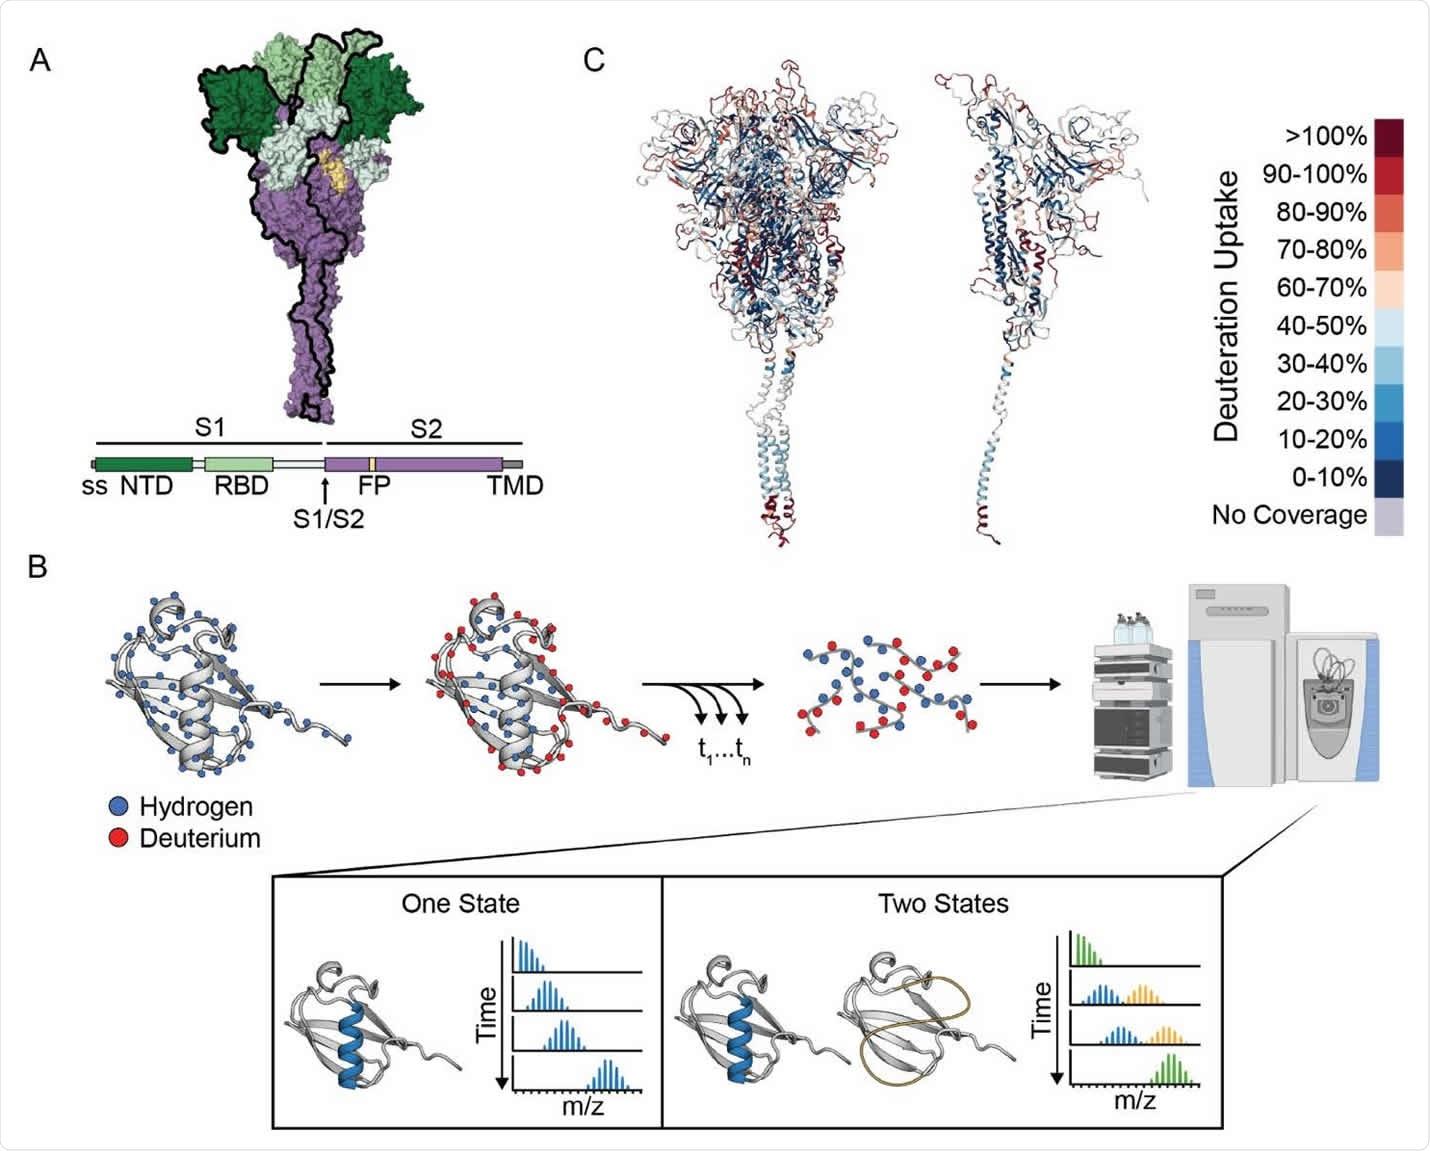 Intercambio de hidrógeno-deuterio monitoreado por espectrometría de masas (HDXMS) en el campo exterior del pico SARS-CoV-2.  (a) Diagrama esquemático de una proteína SARS-CoV-2 previa a la fusión estable y un modelo para la formación previa de tripletes (24).  (B) Esquema del experimento HDX-MS y las distribuciones de masa resultantes de un péptido presente en uno (izquierda) o dos (derecha) separables.  Para que las dos conformaciones den como resultado una distribución de masa bimodal, no deben cambiar durante la escala de tiempo del experimento HDX (horas).  La interconversión rápida puede resultar en una única distribución de masa con un perfil de masa promedio del grupo.  (C) Representación esquemática de la adsorción de deuterio a través de toda la proteína de pico que se muestra en el incisivo completo (izquierda) o en un solo protómero (derecha) después de 1 min de intercambio.